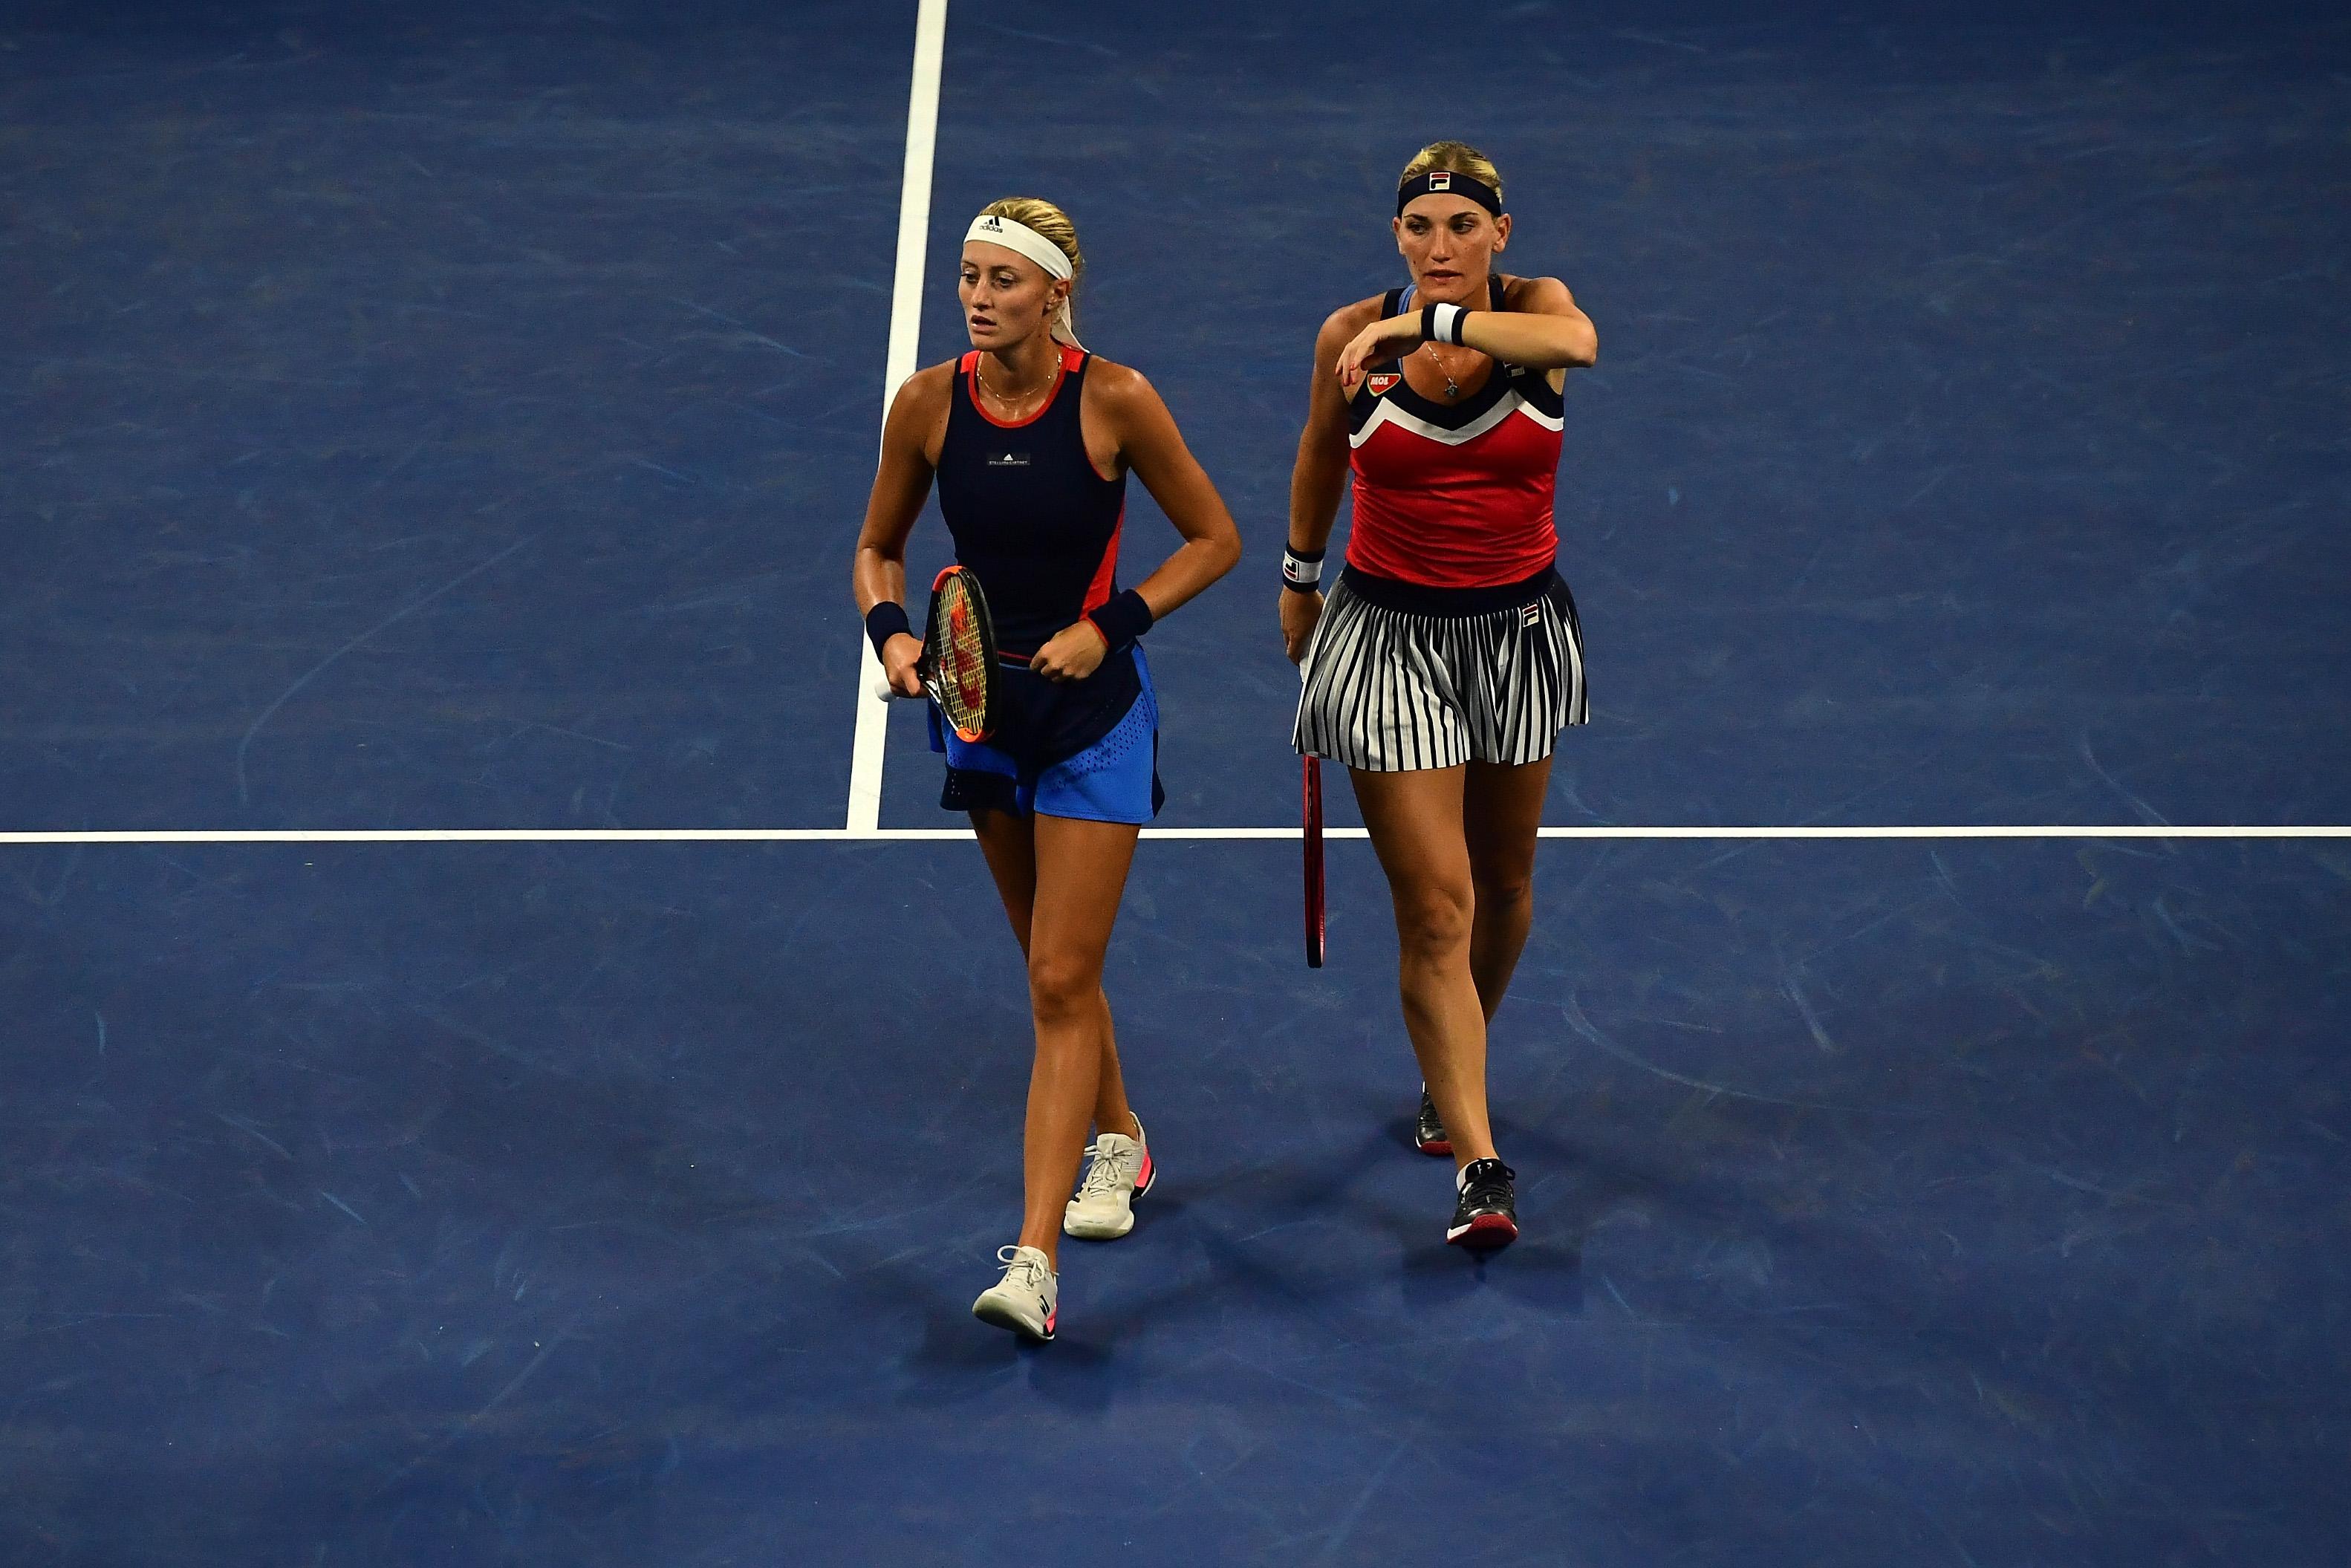 Babos Tímea és Kristina Mladenovic hatalmasat küzdött, de kikapott a US Open döntőjében